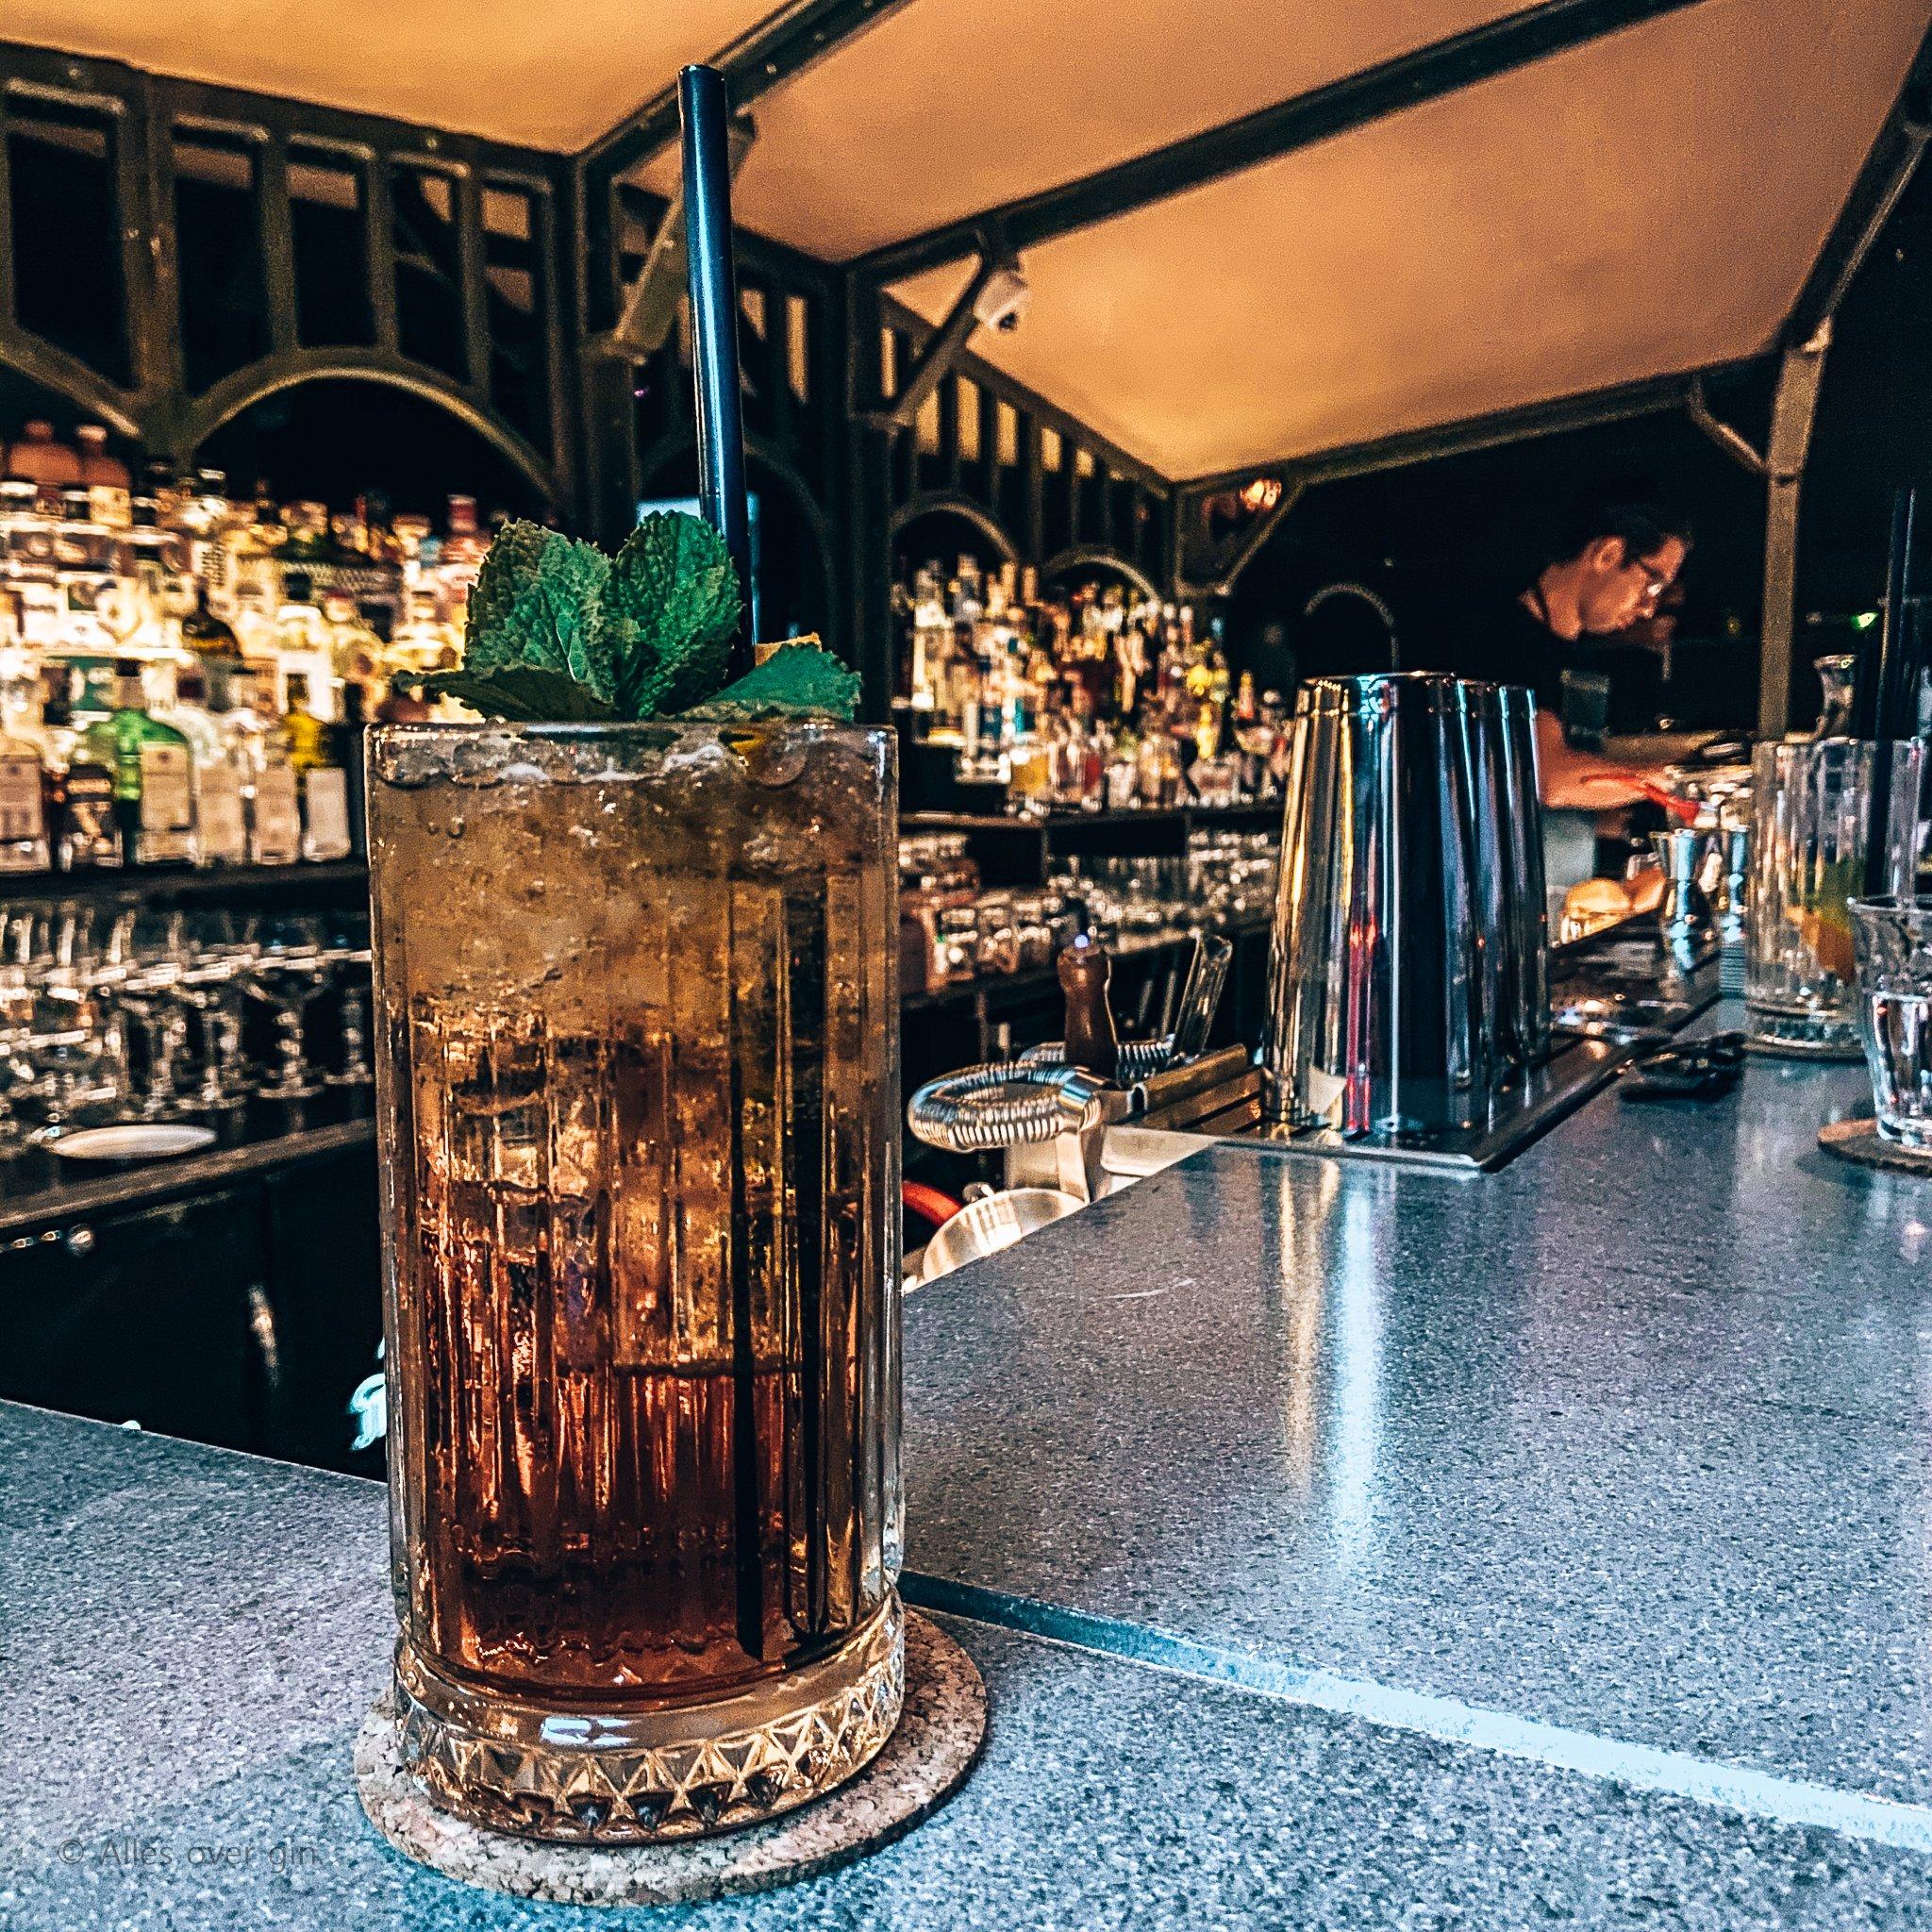 Leroy Soumokil, Founder van Bar Mokum in Amsterdam, Alles over gin.